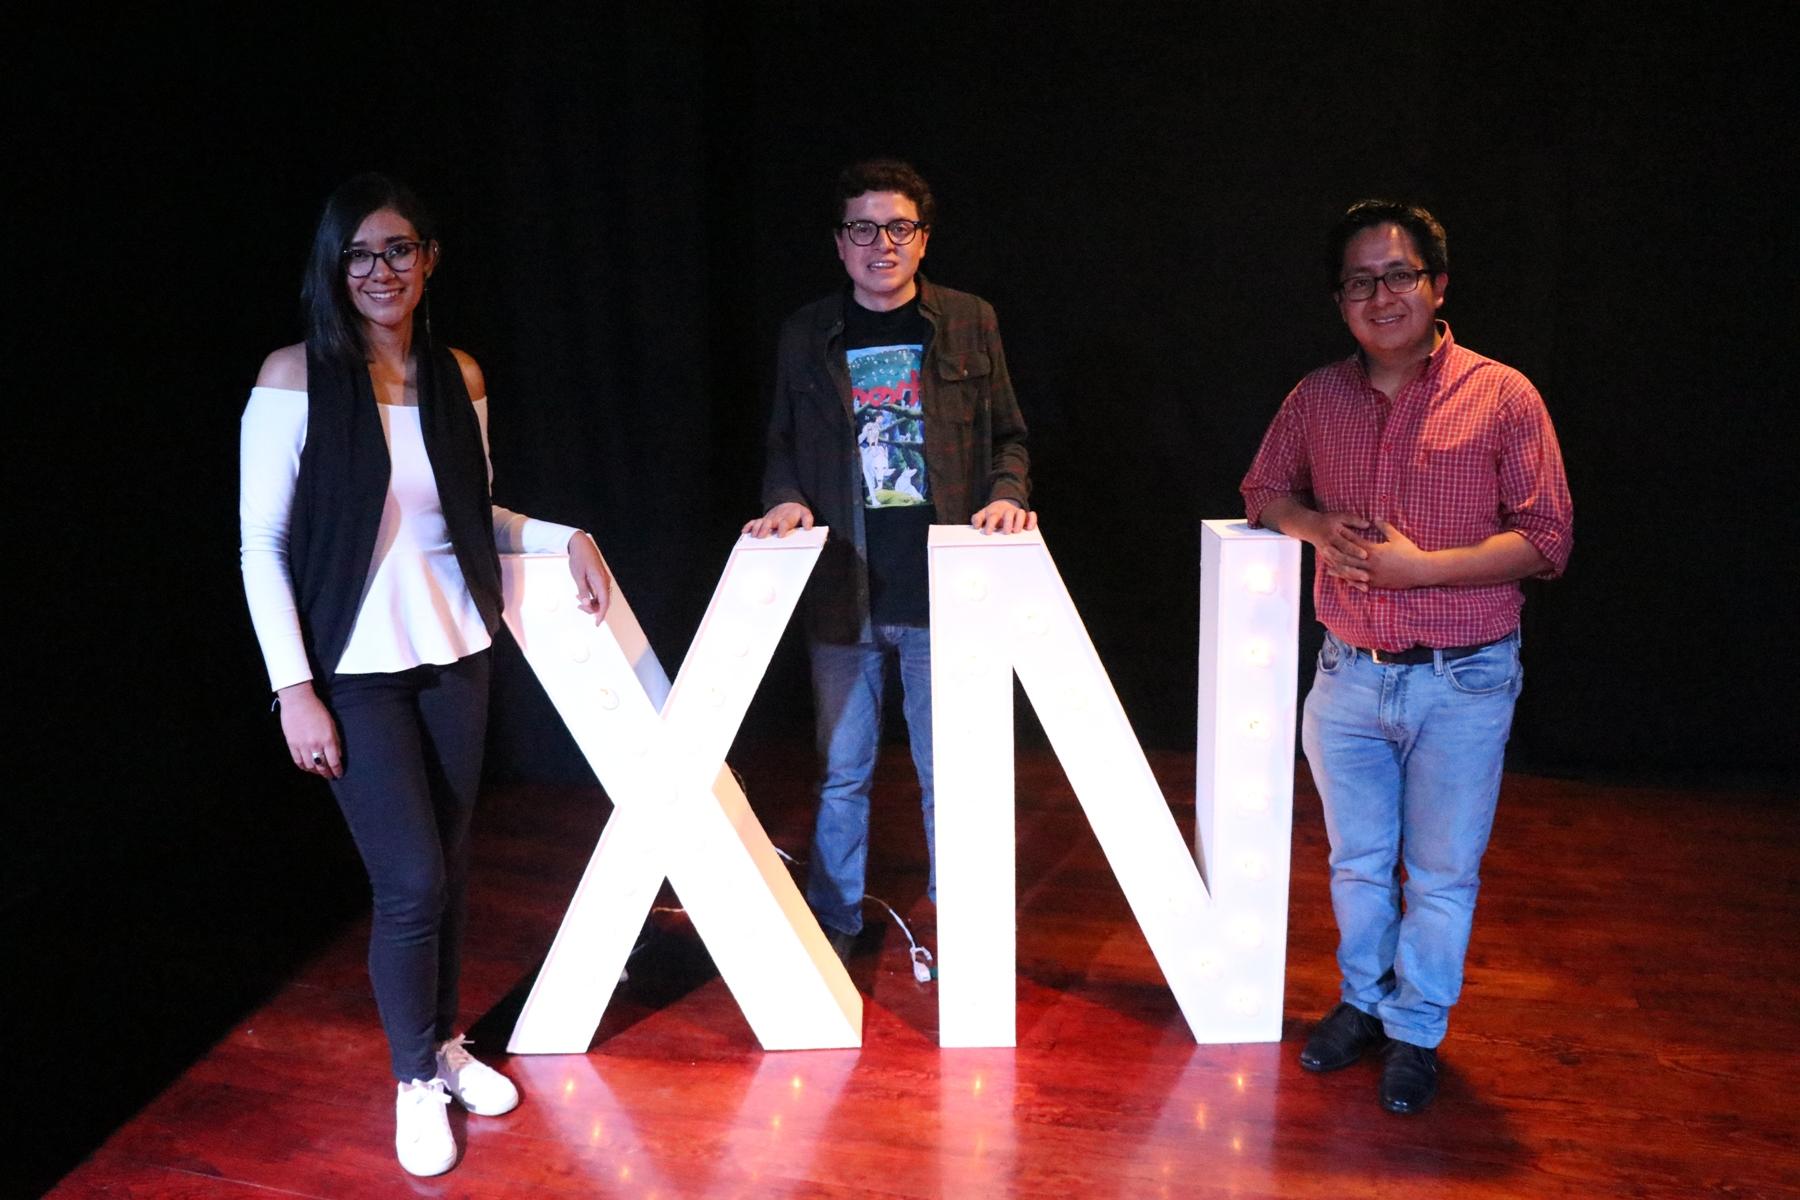 Lucia Cojulún, José Antonio Bagur y Oliver Sierra, contaron sus historias en El Teatrito de Xela. (Foto Prensa Libre: María Longo)